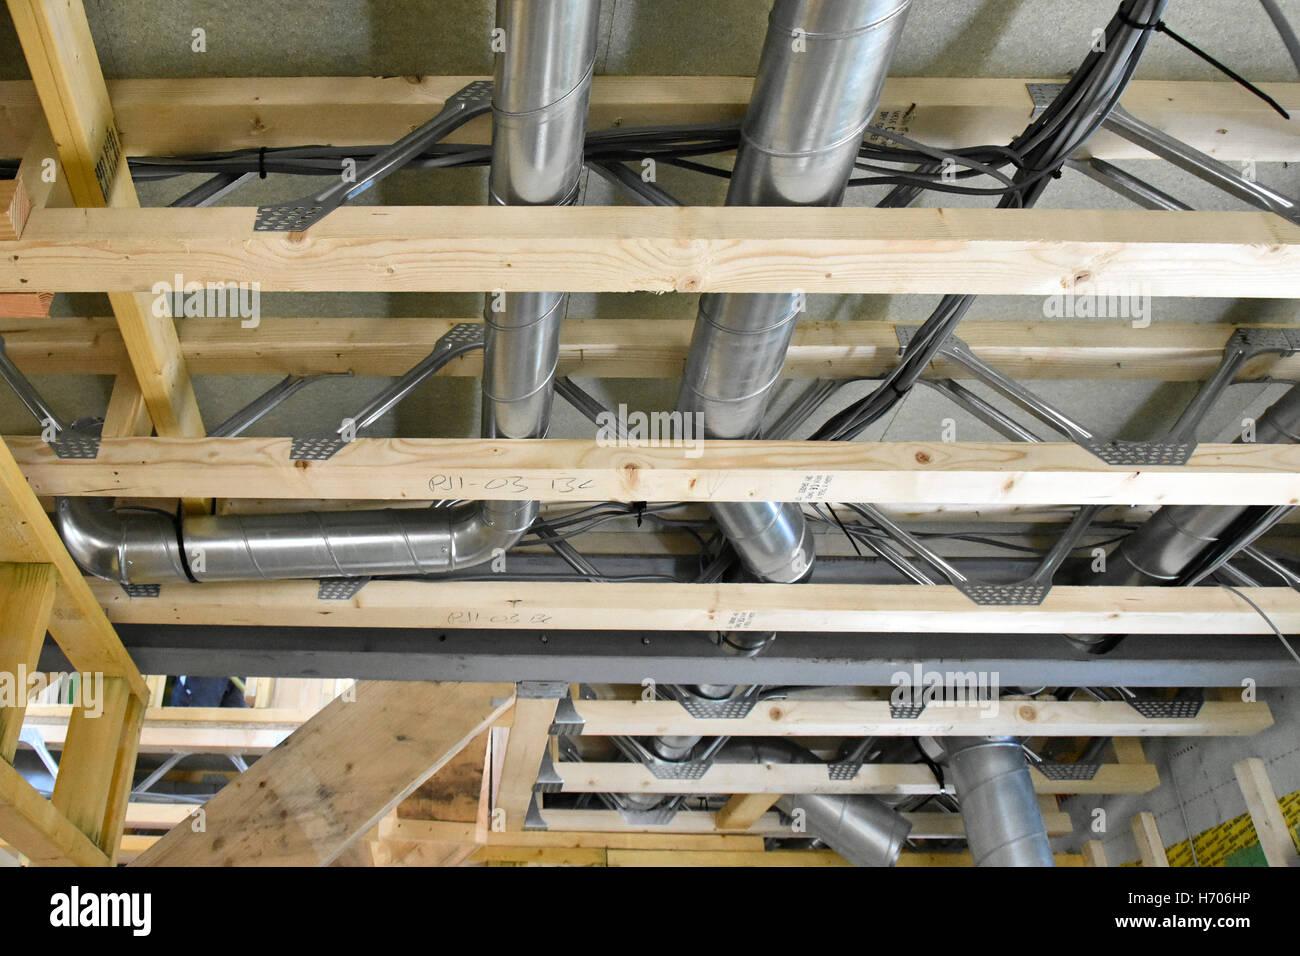 Innenraum des neuen UK Energie effiziente Passivhaus zeigt Baustoffe & Belüftung Trunking installiert im Stockbild